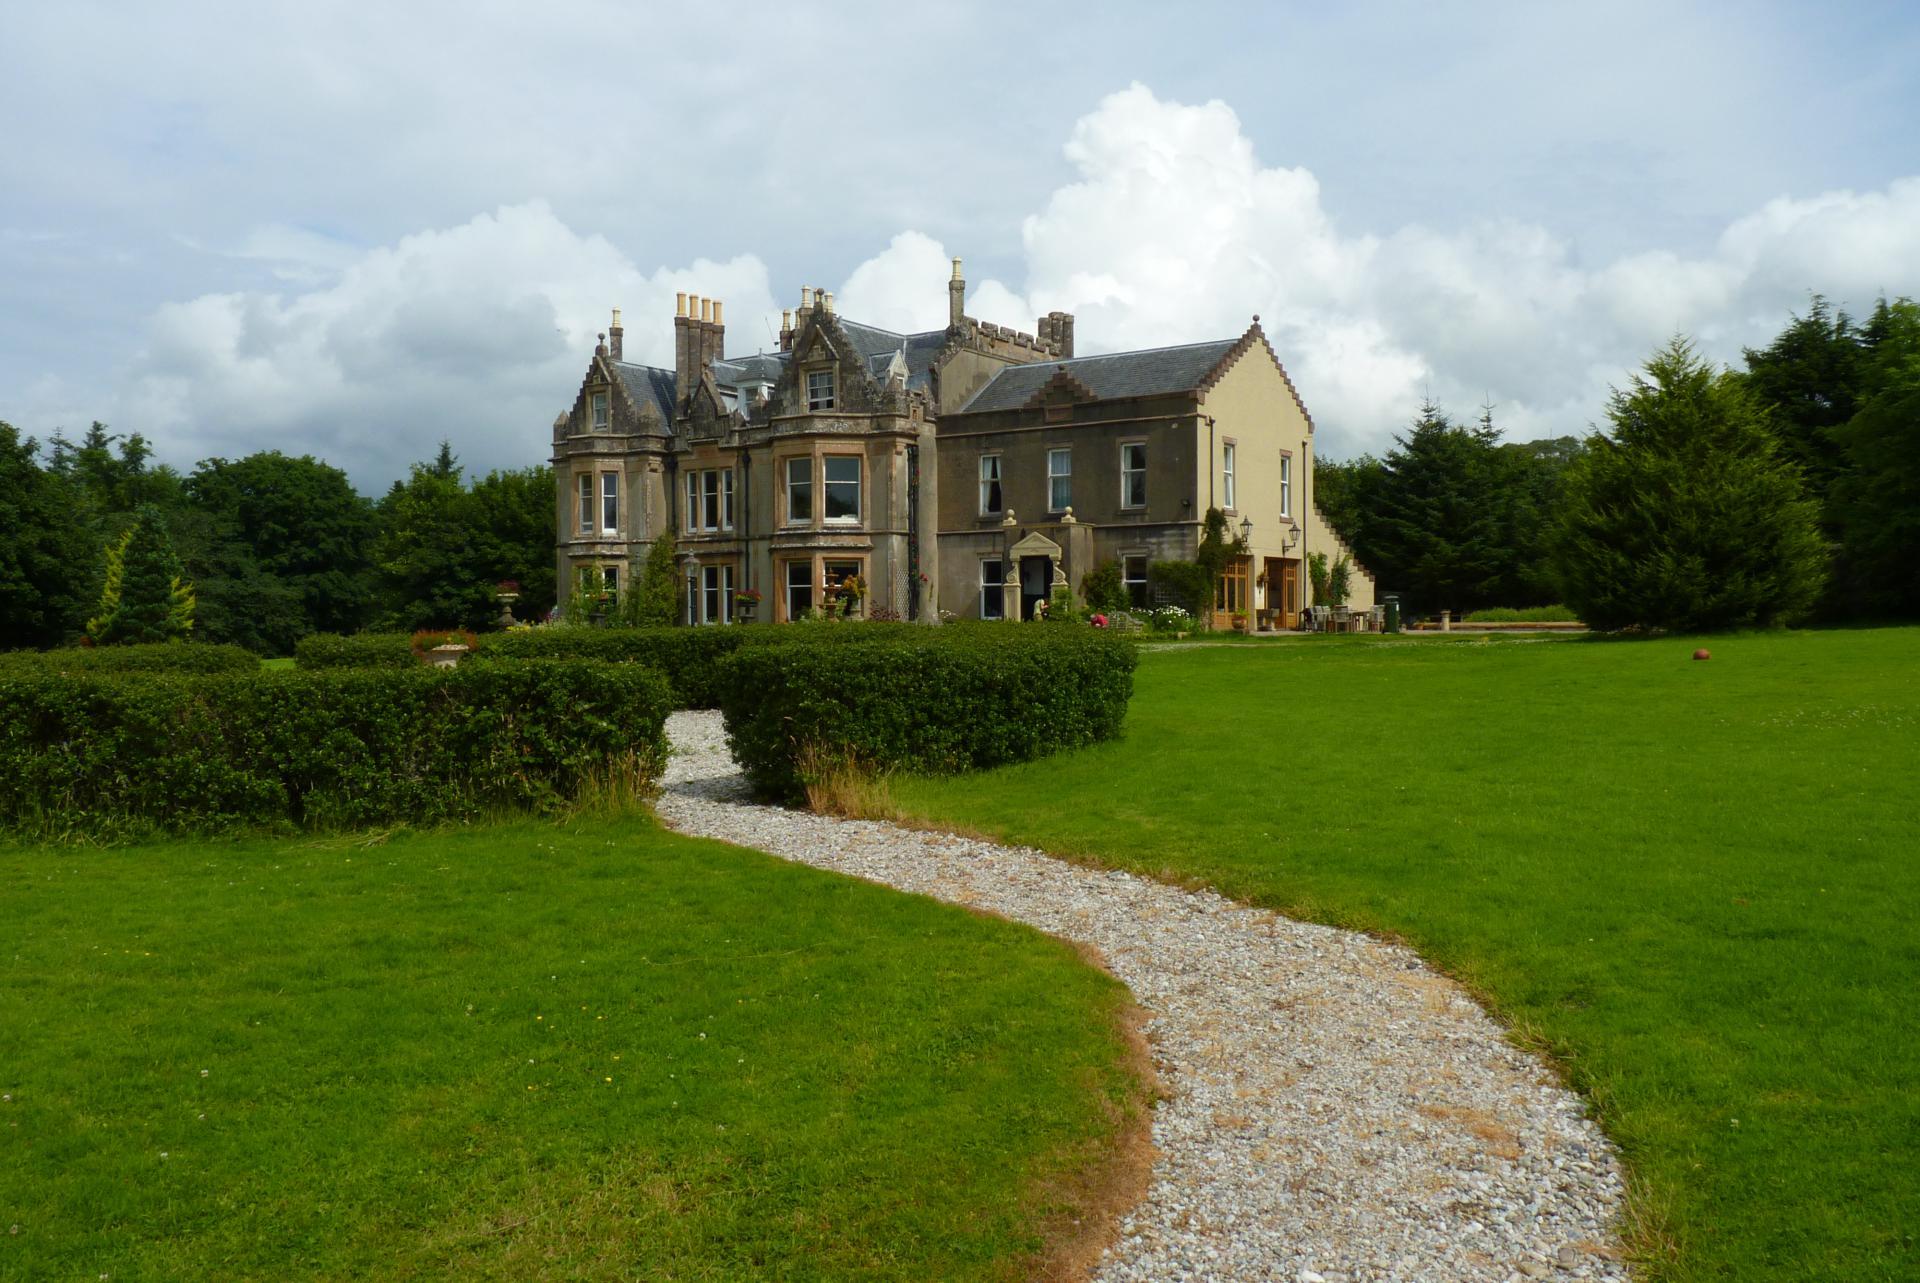 Balinakill Country House, Kintyre